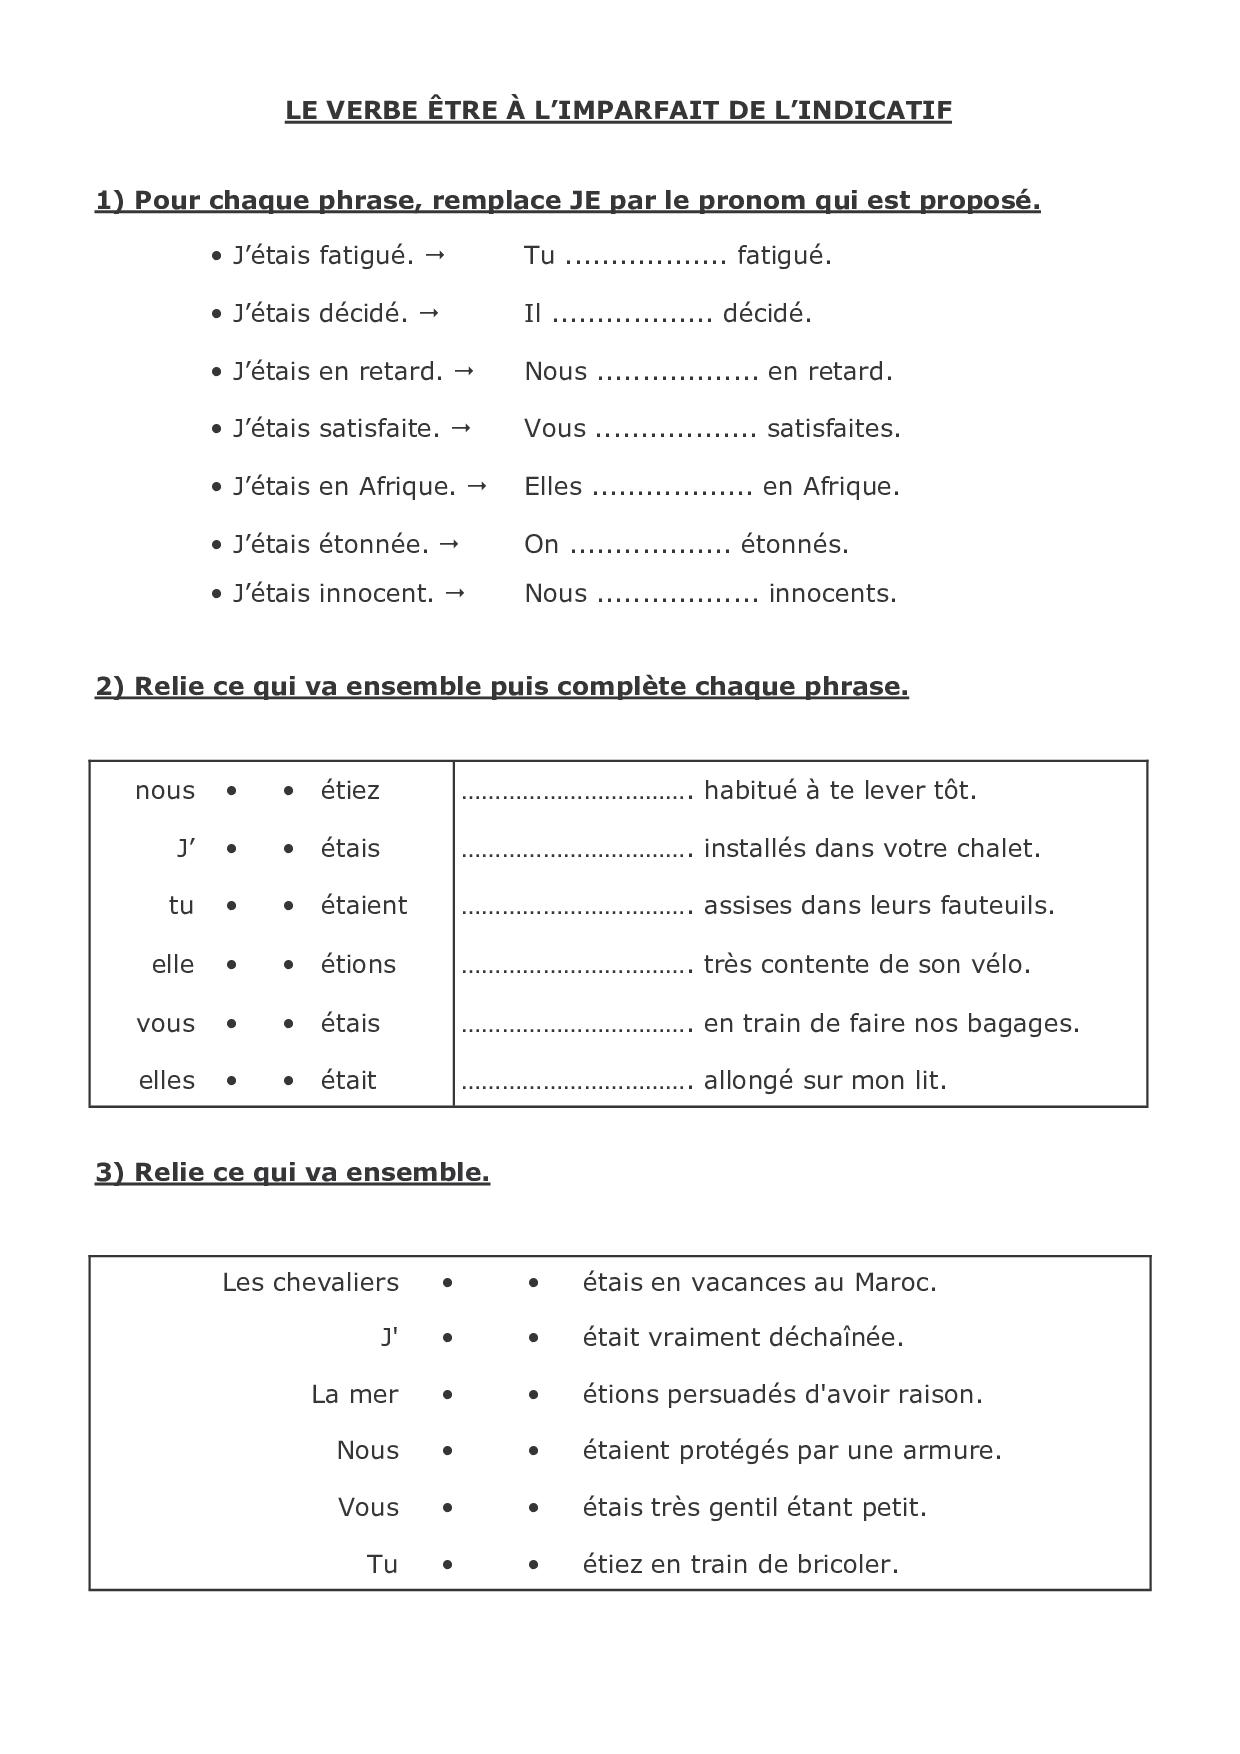 L'imparfait de l'indicatif - le verbe être - exercices 1 ...